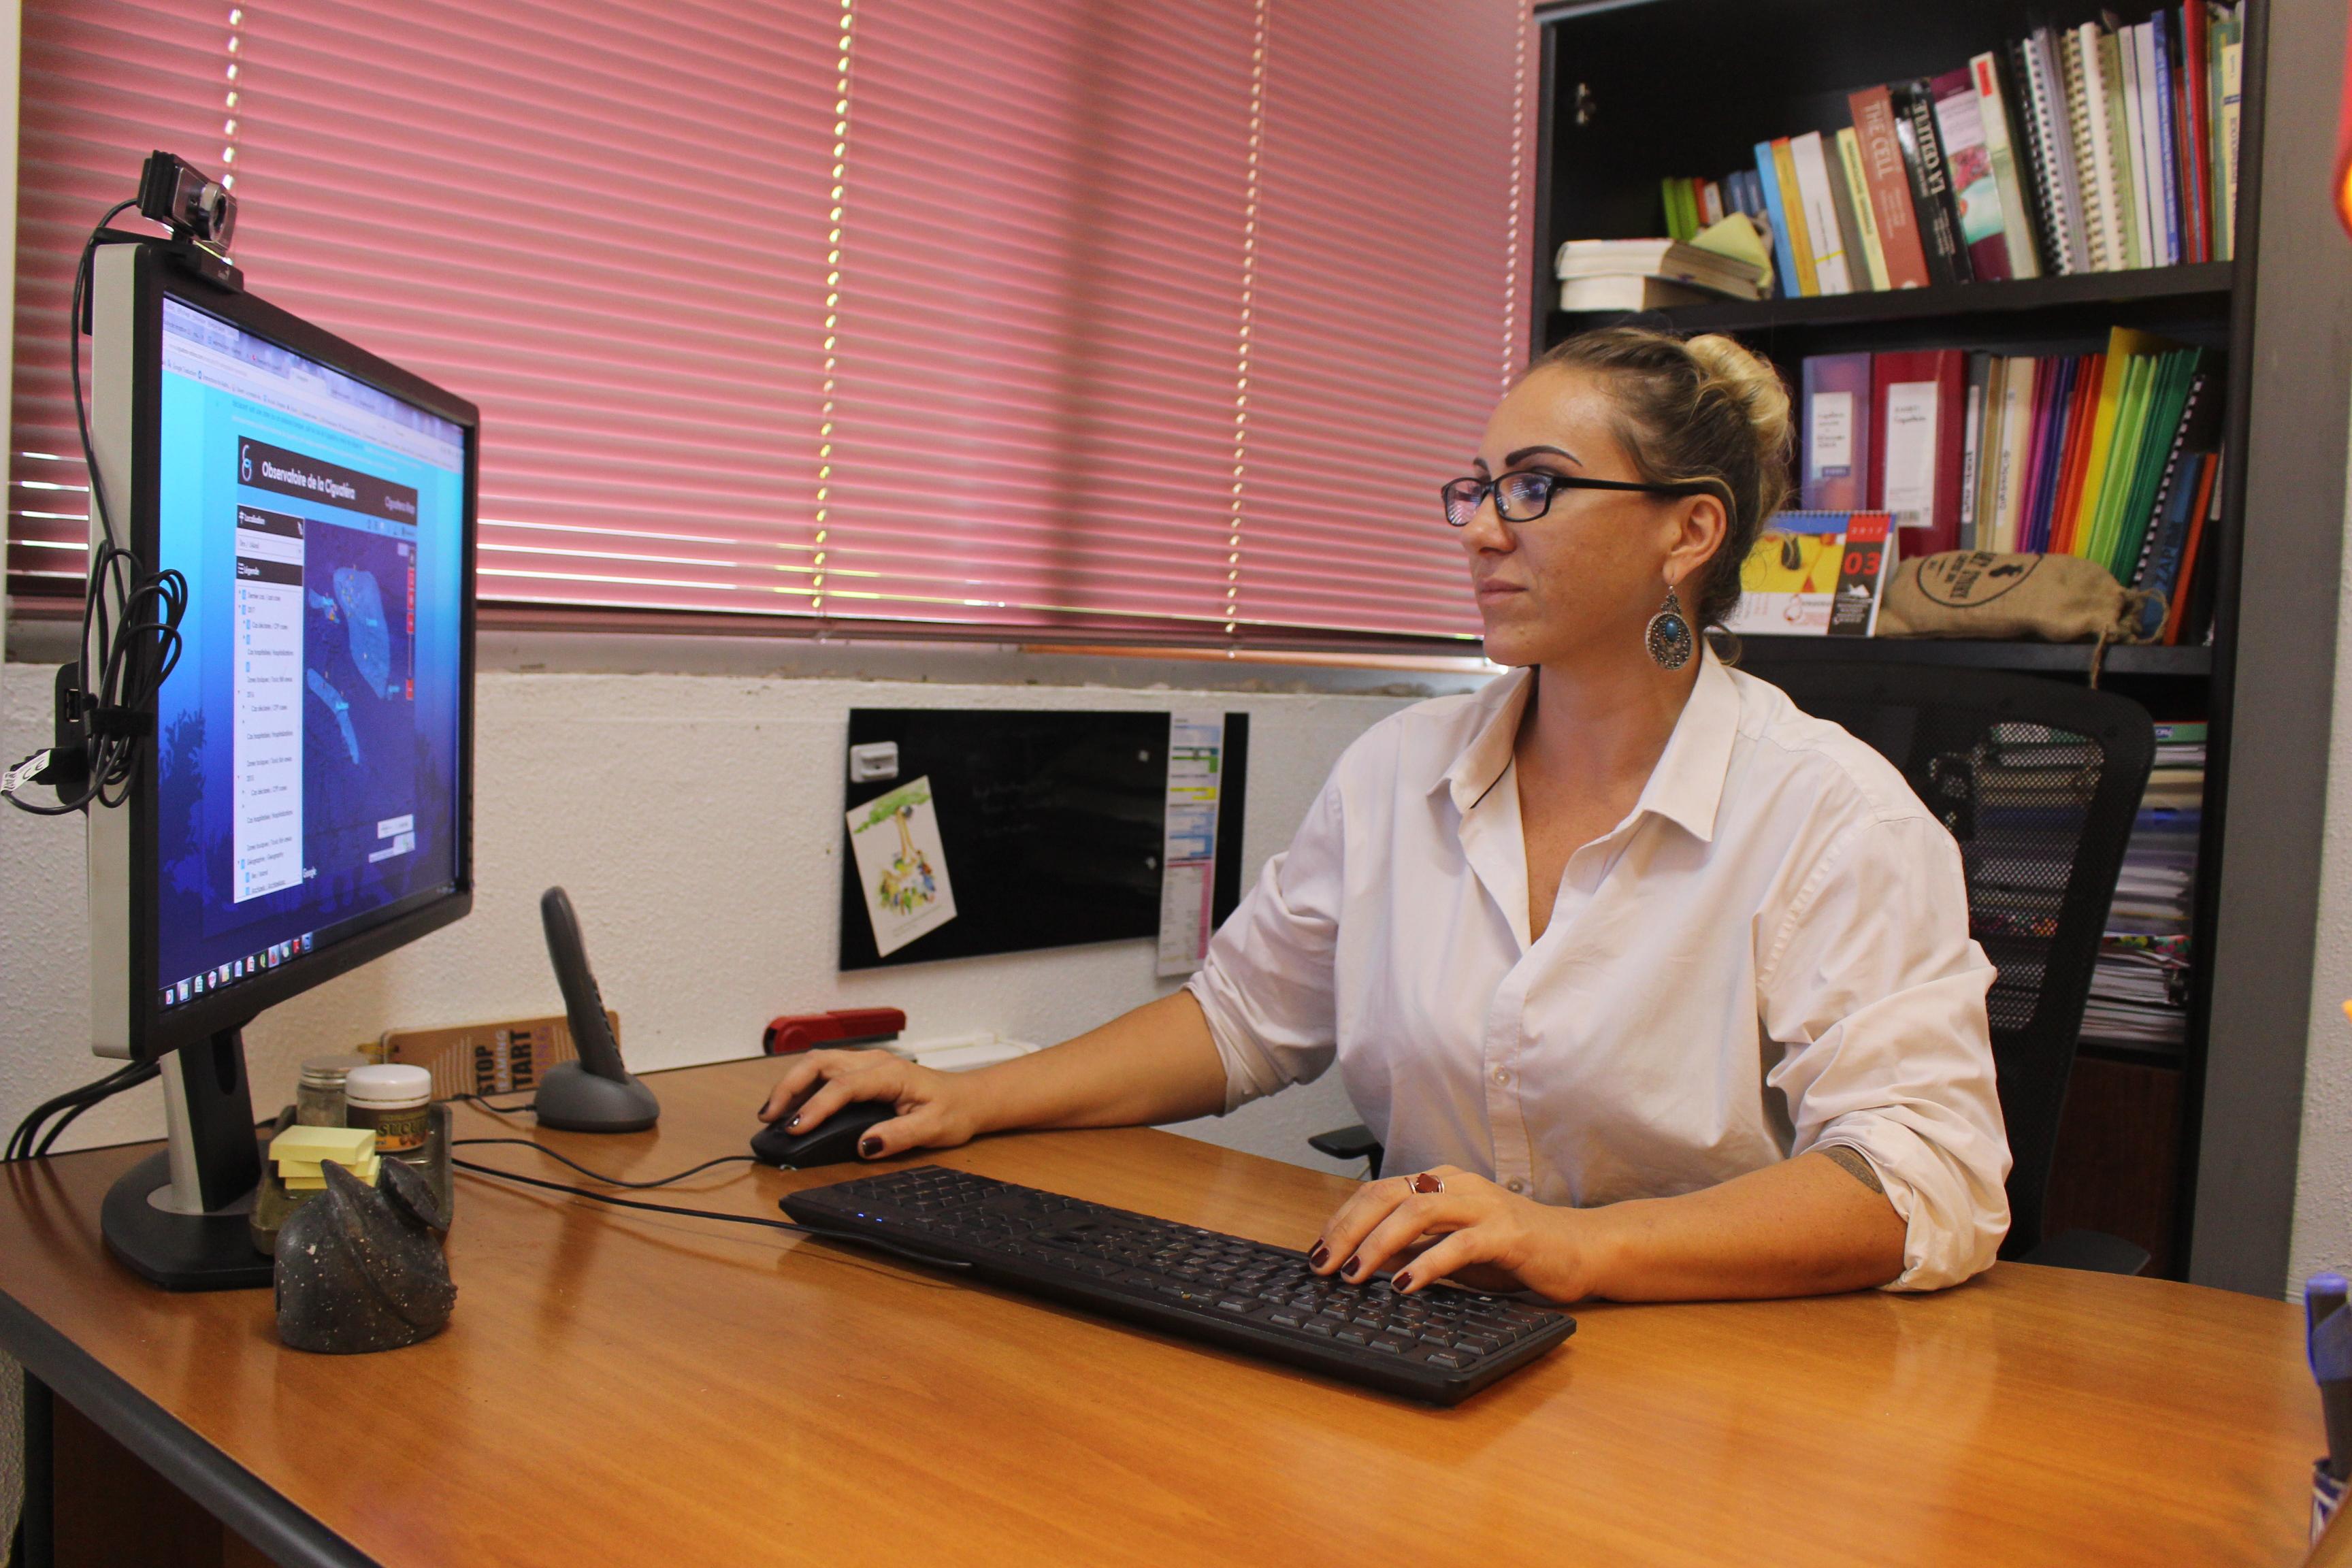 Depuis le début de l'année le site internet ciguatera-online de Clémence Gatti, docteure à l'institut Louis Malardé, s'ouvre à d'autres îles du Pacifique.